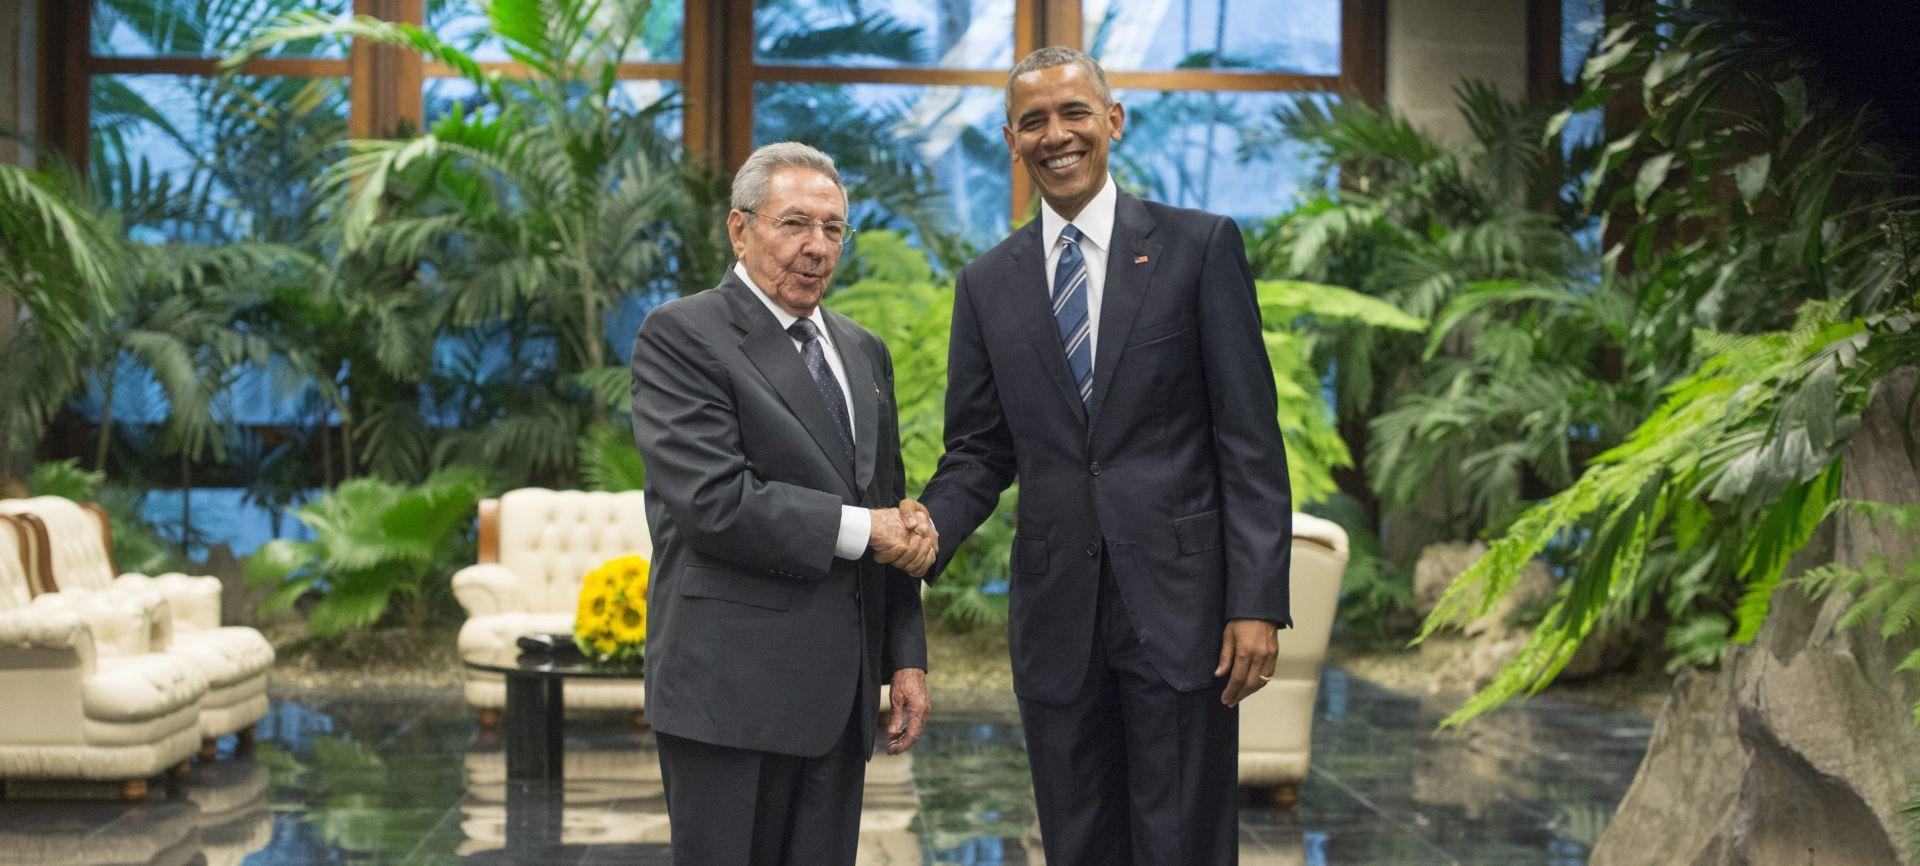 POVIJESNI POSJET Castro primio Obamu u Palači revolucije